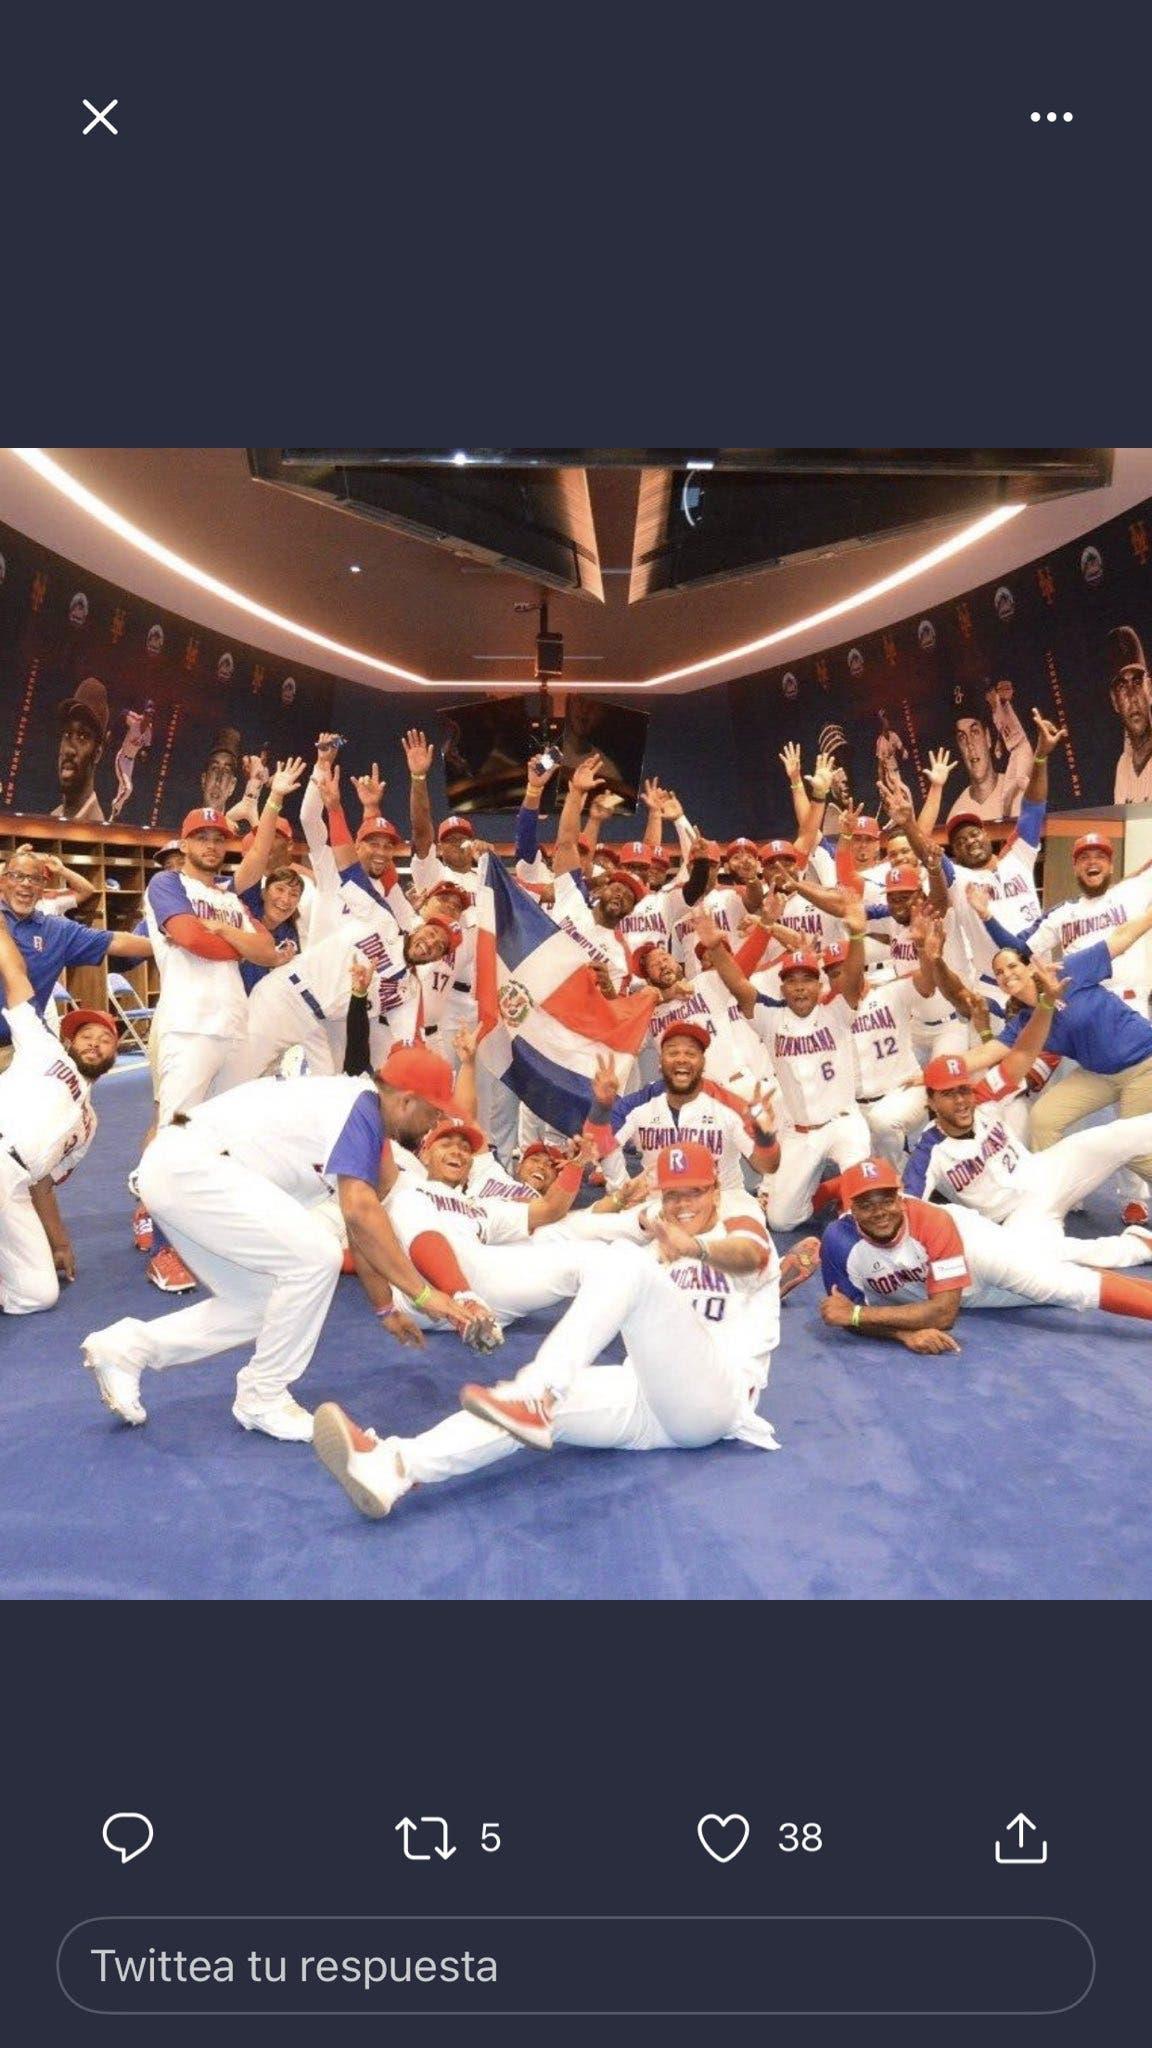 República Dominicana vence a Venezuela y se alista para los Juegos Olímpicos Tokio 2020